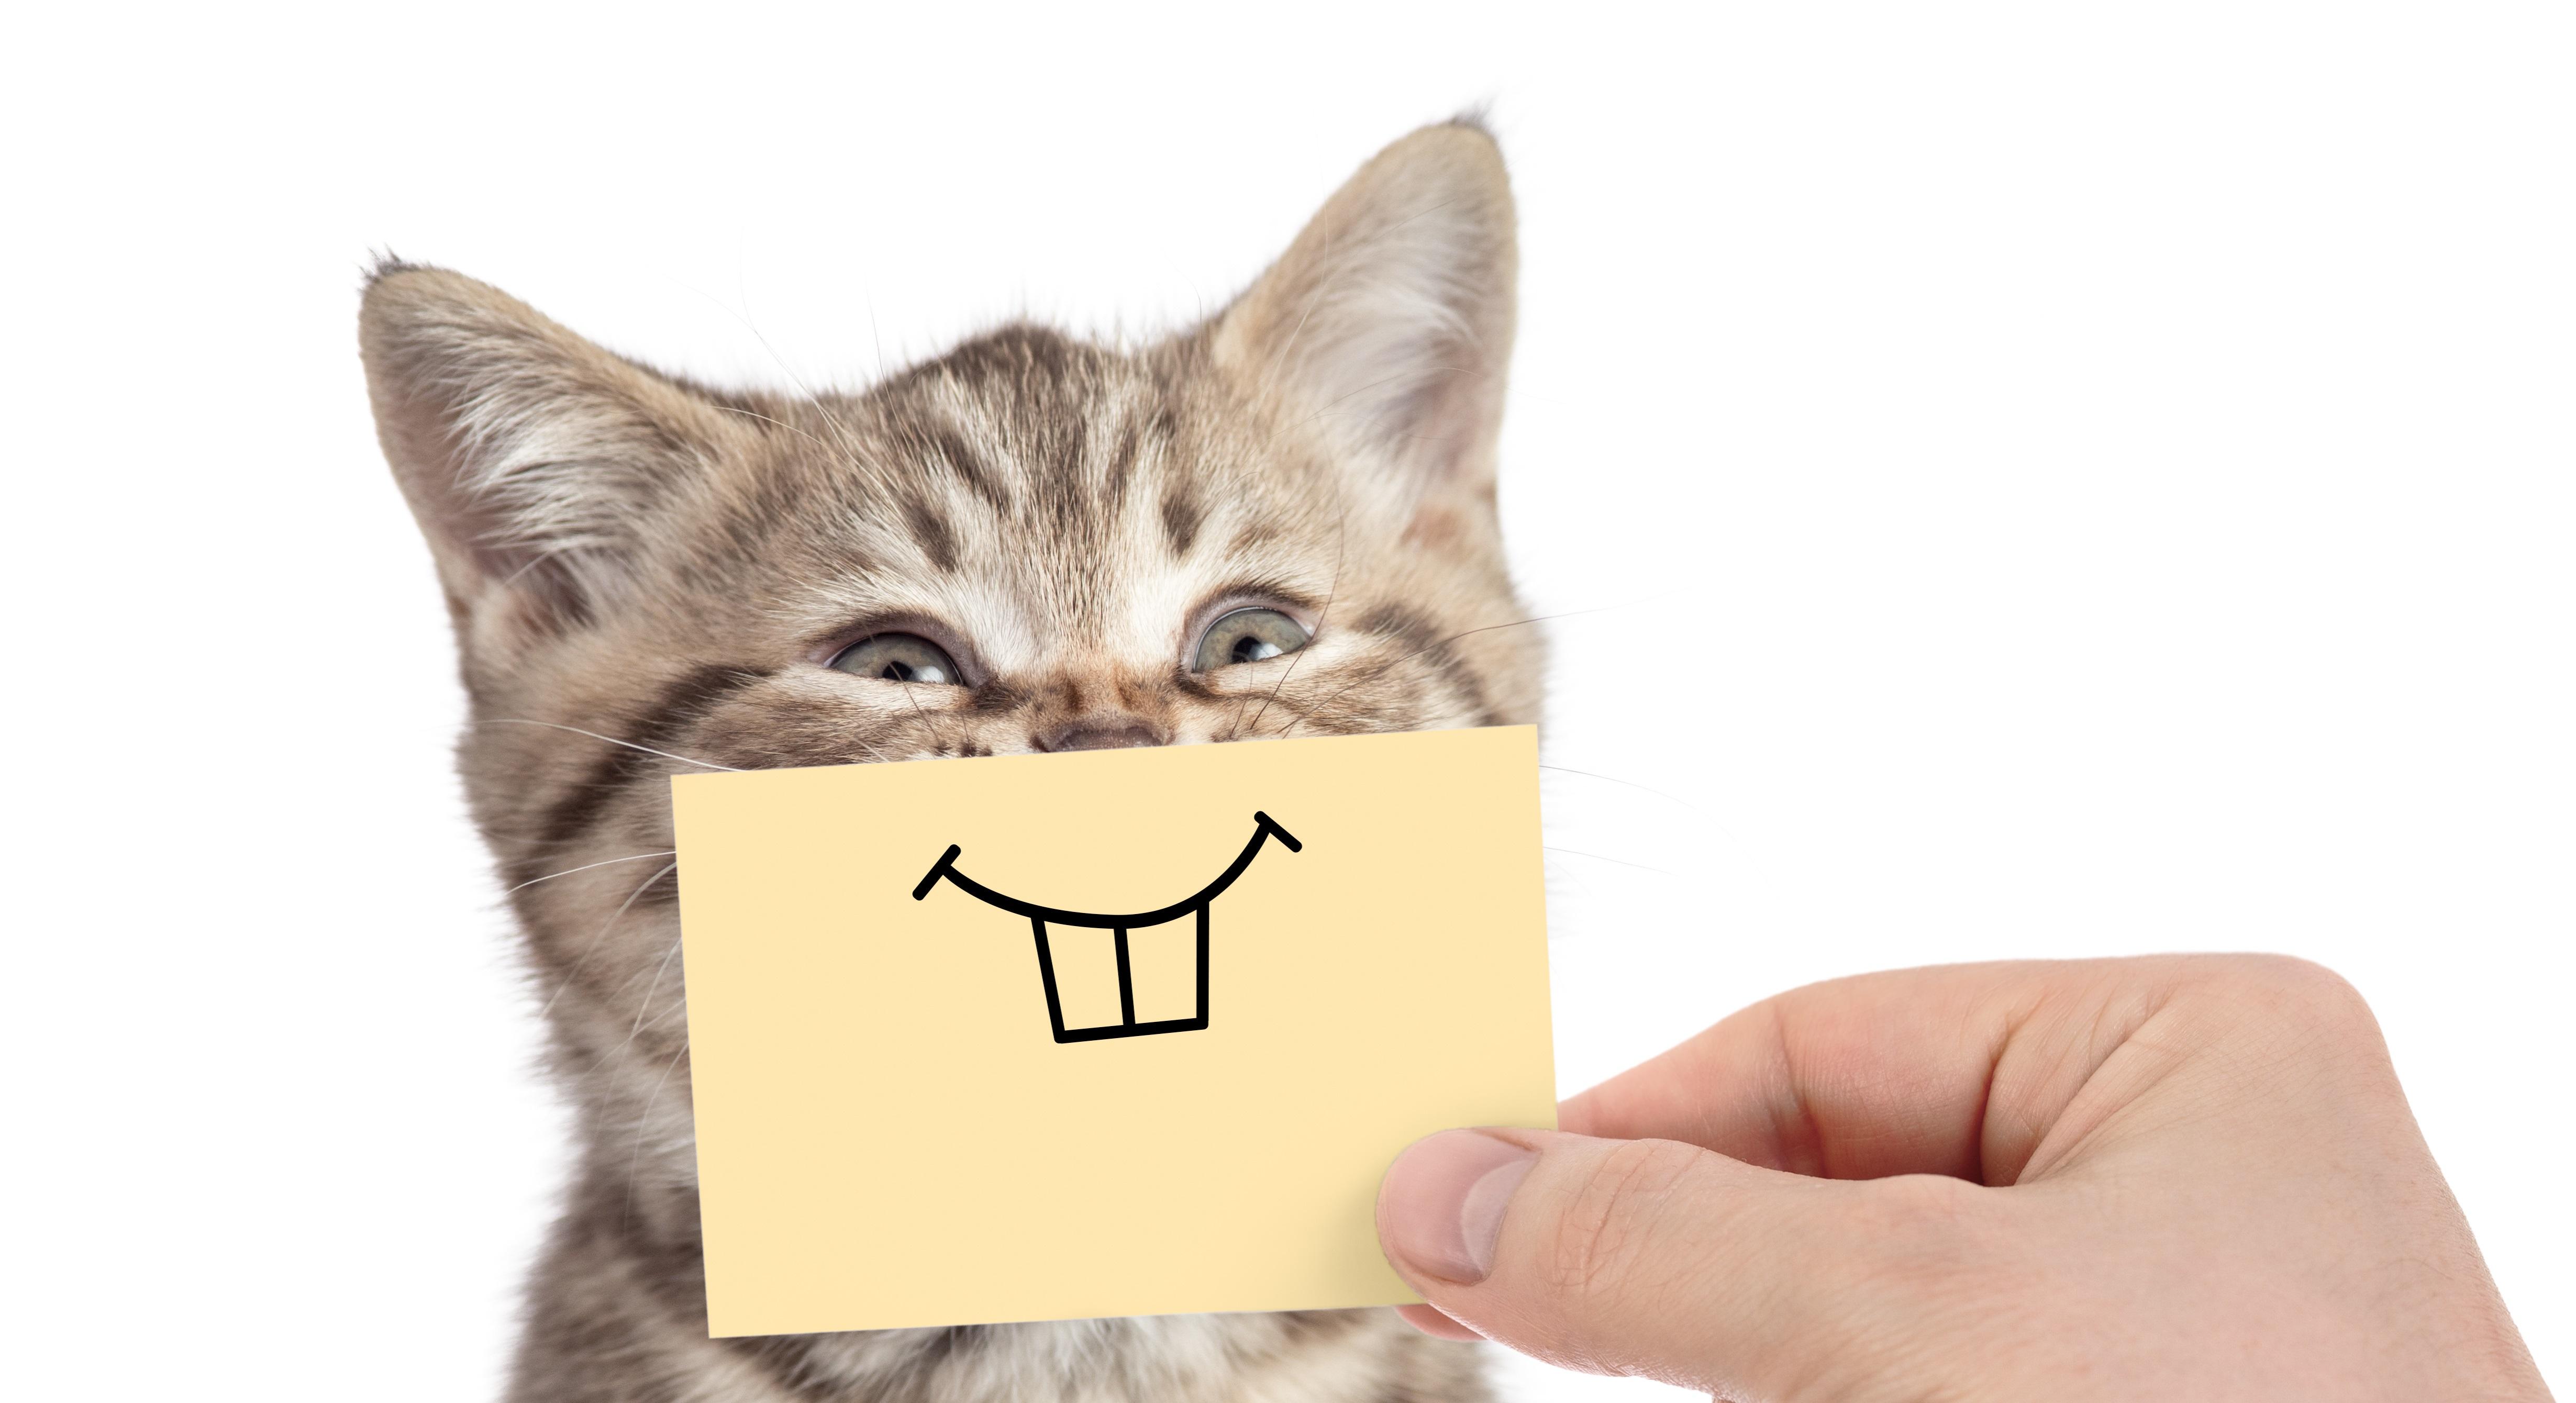 Alles für die Katze